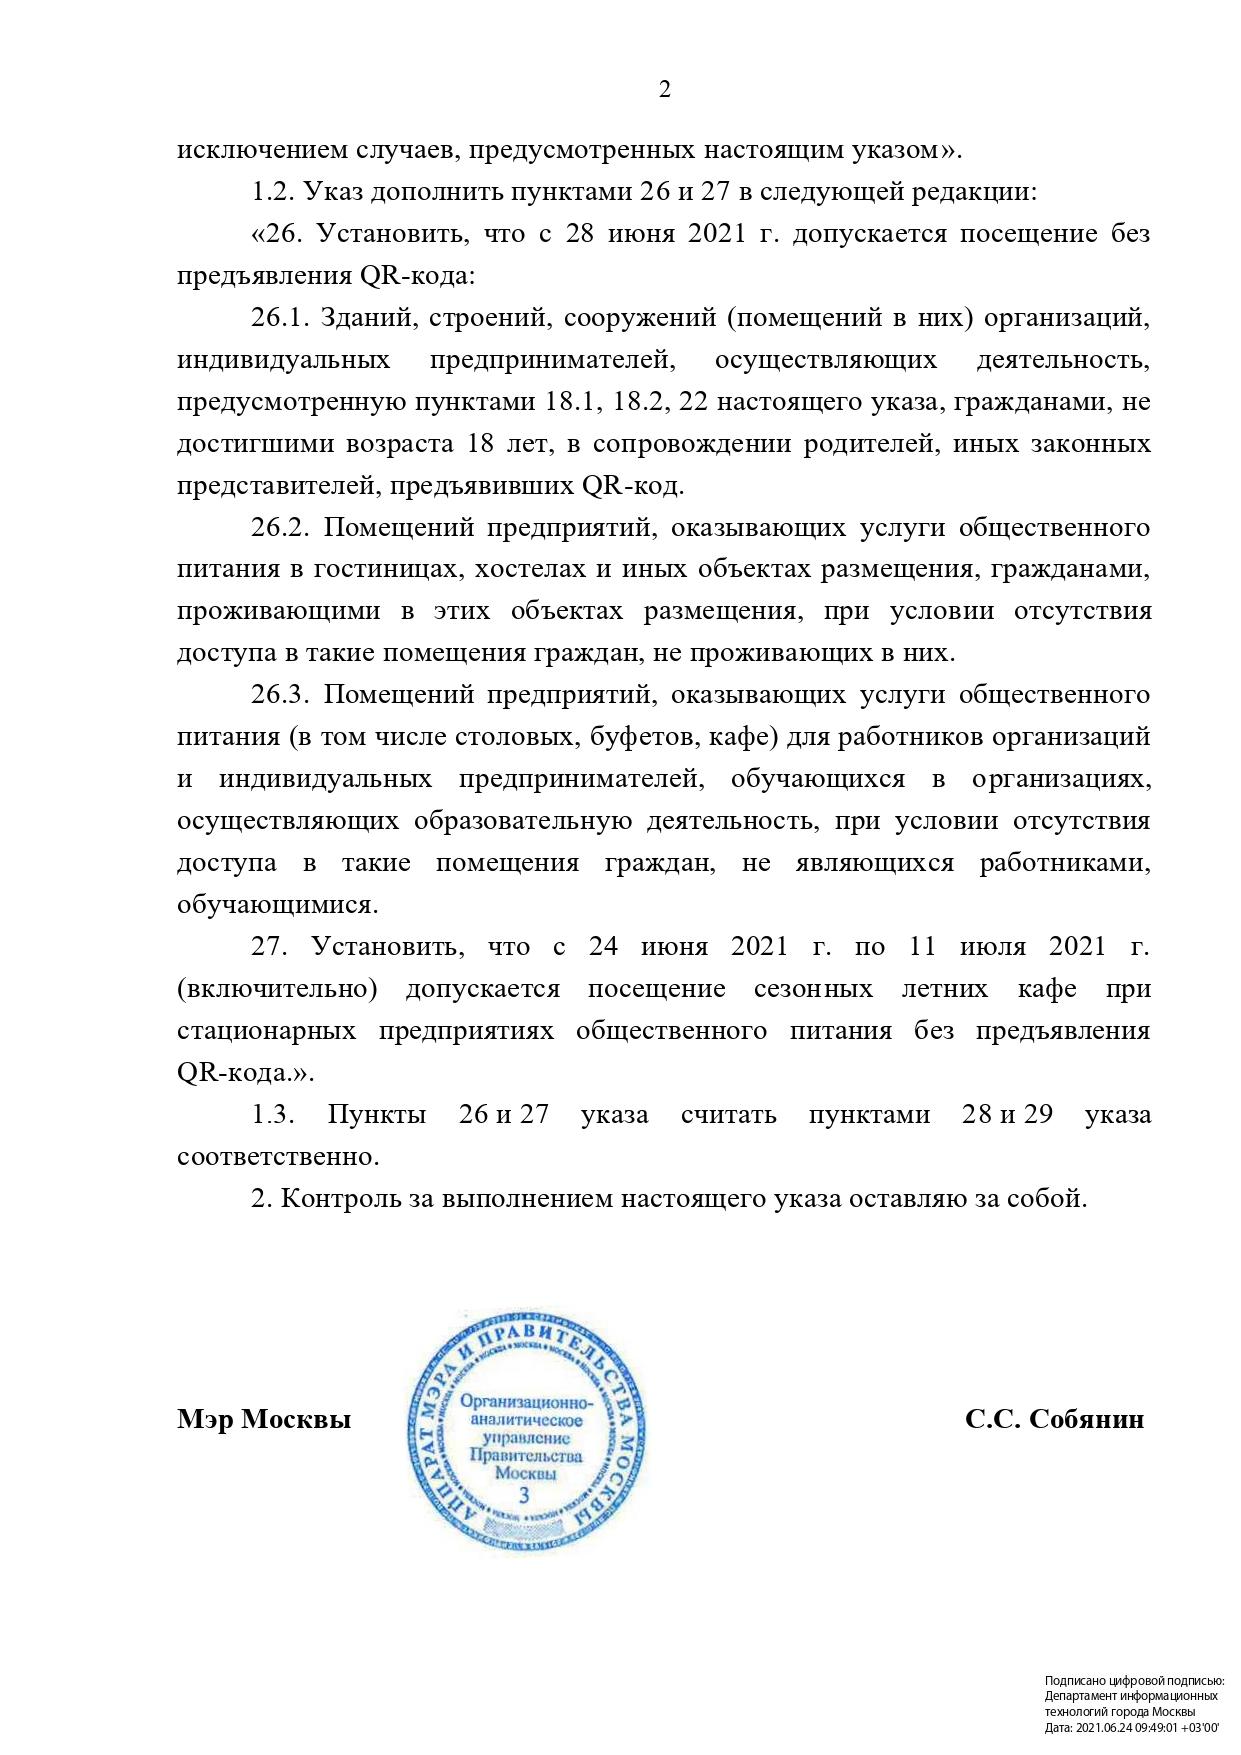 Указ Мэра Москвы Собянина С.С. от 24 июня 2021 г. (24.06.2021) No 37-УМ 2